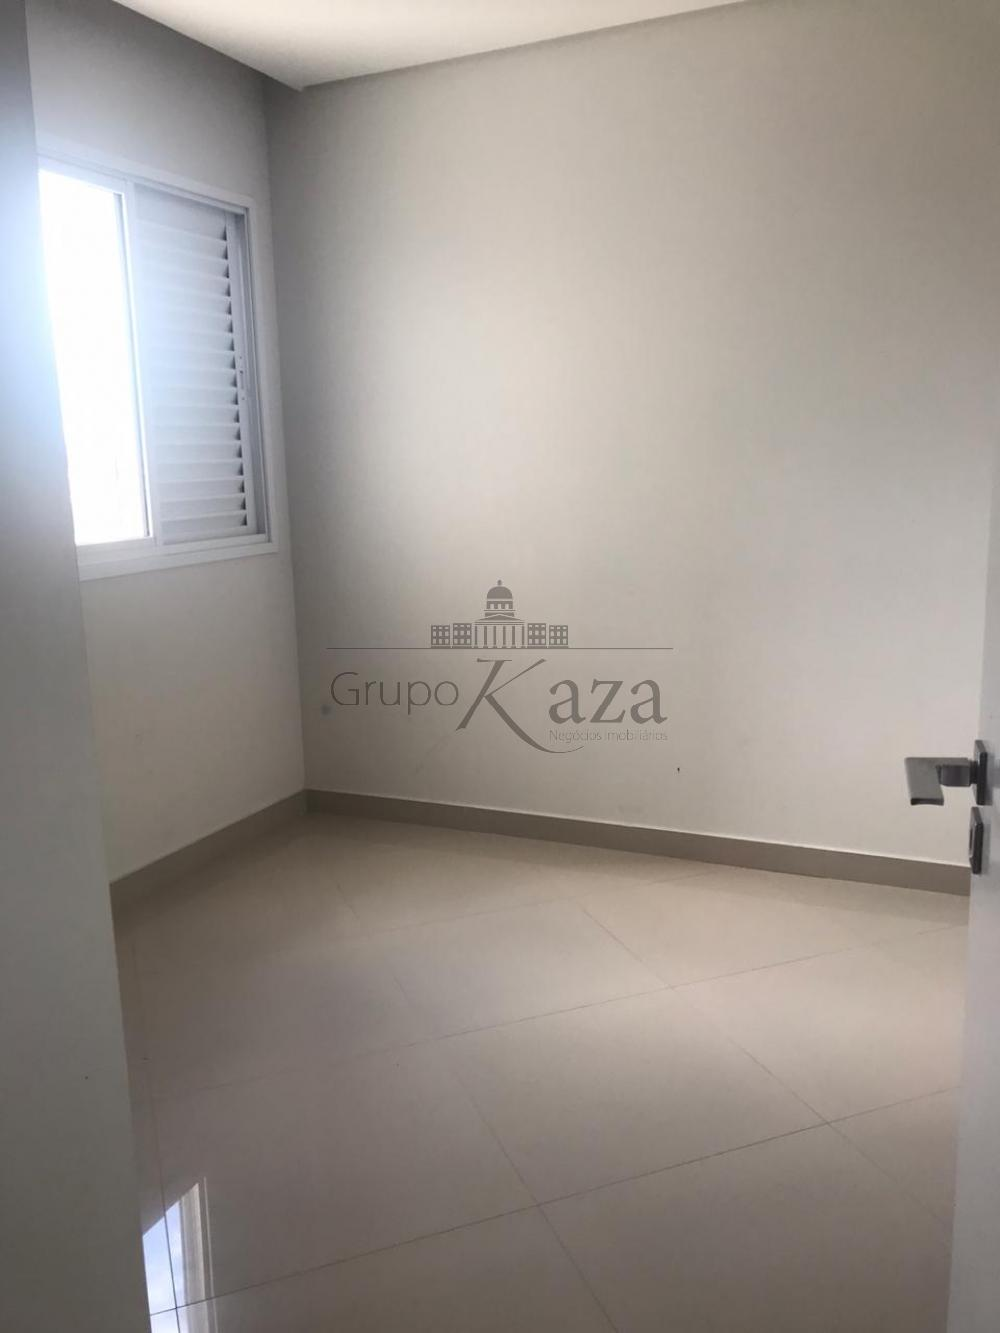 Comprar Apartamento / Padrão em São José dos Campos apenas R$ 270.000,00 - Foto 11